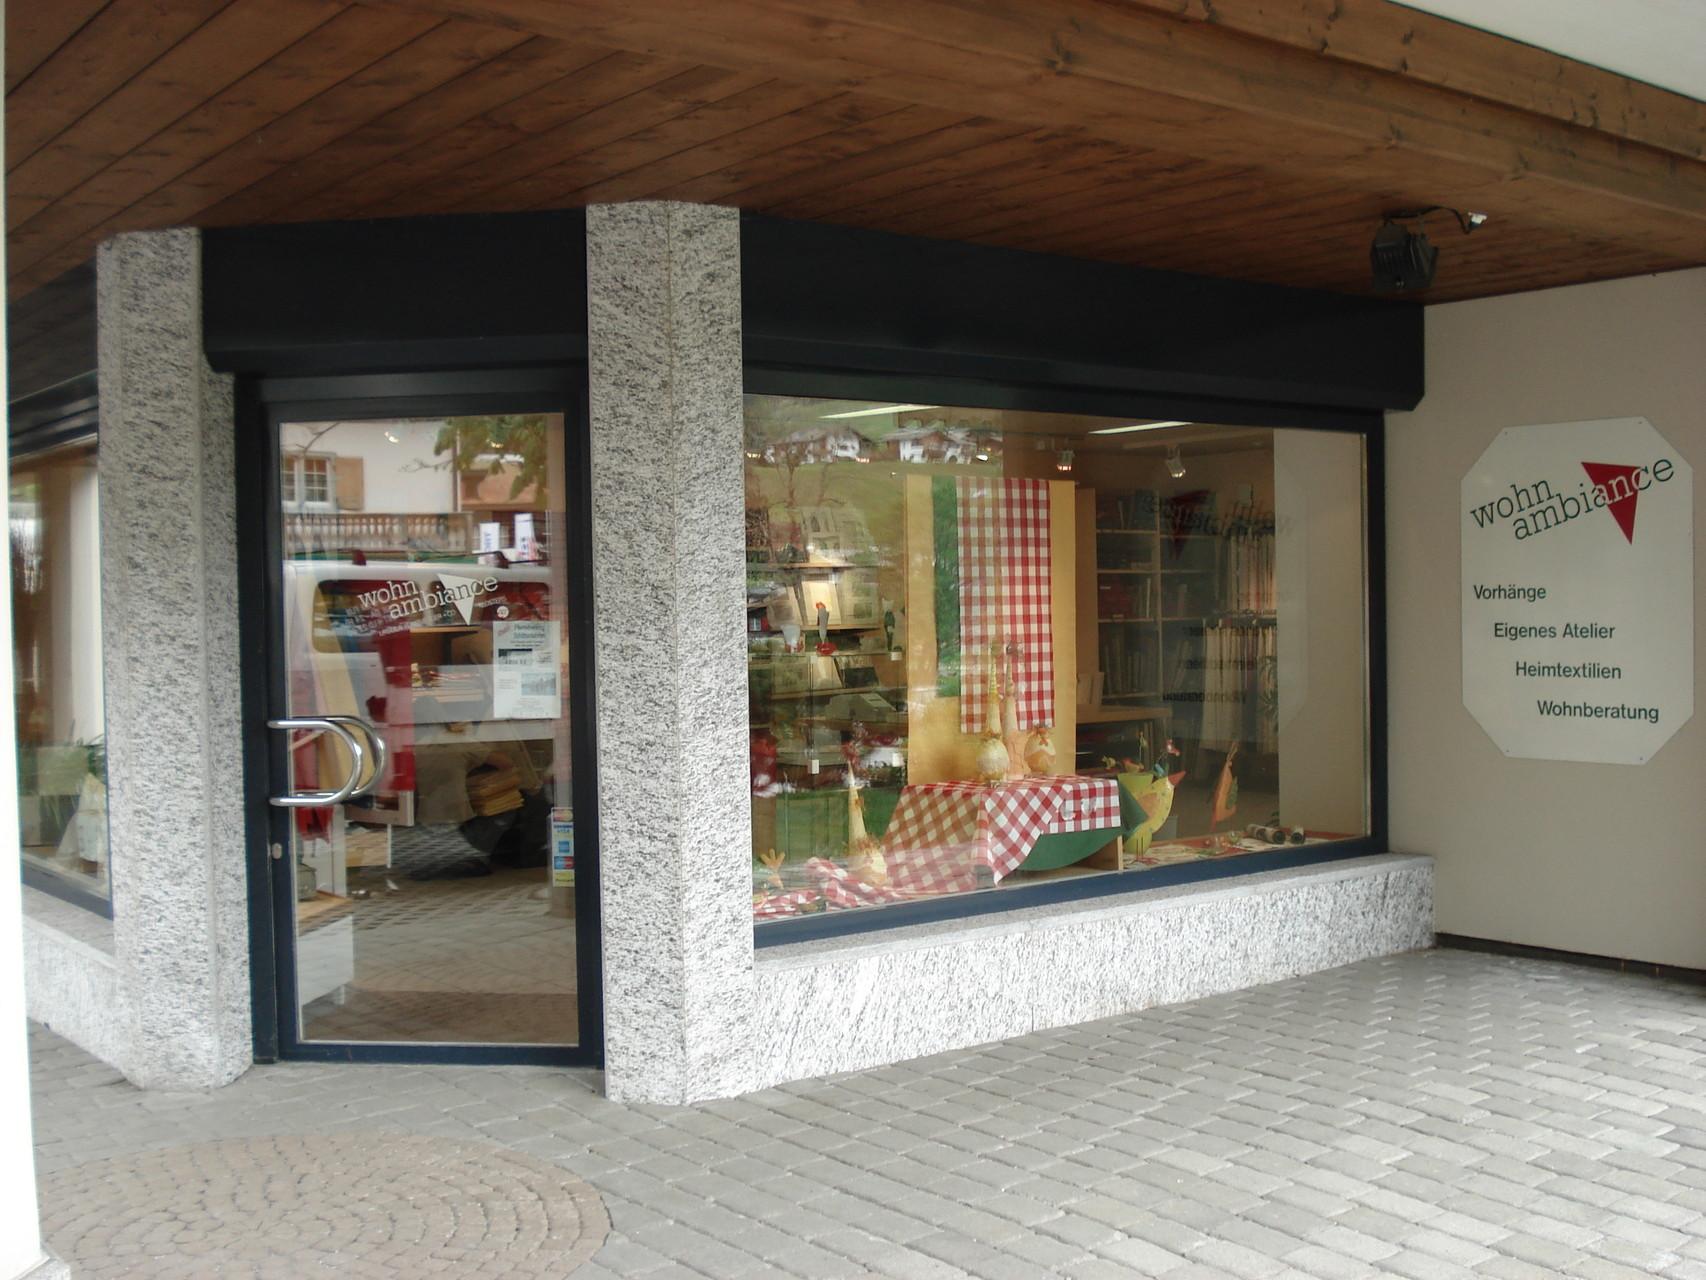 Eingang und Seitenfenster